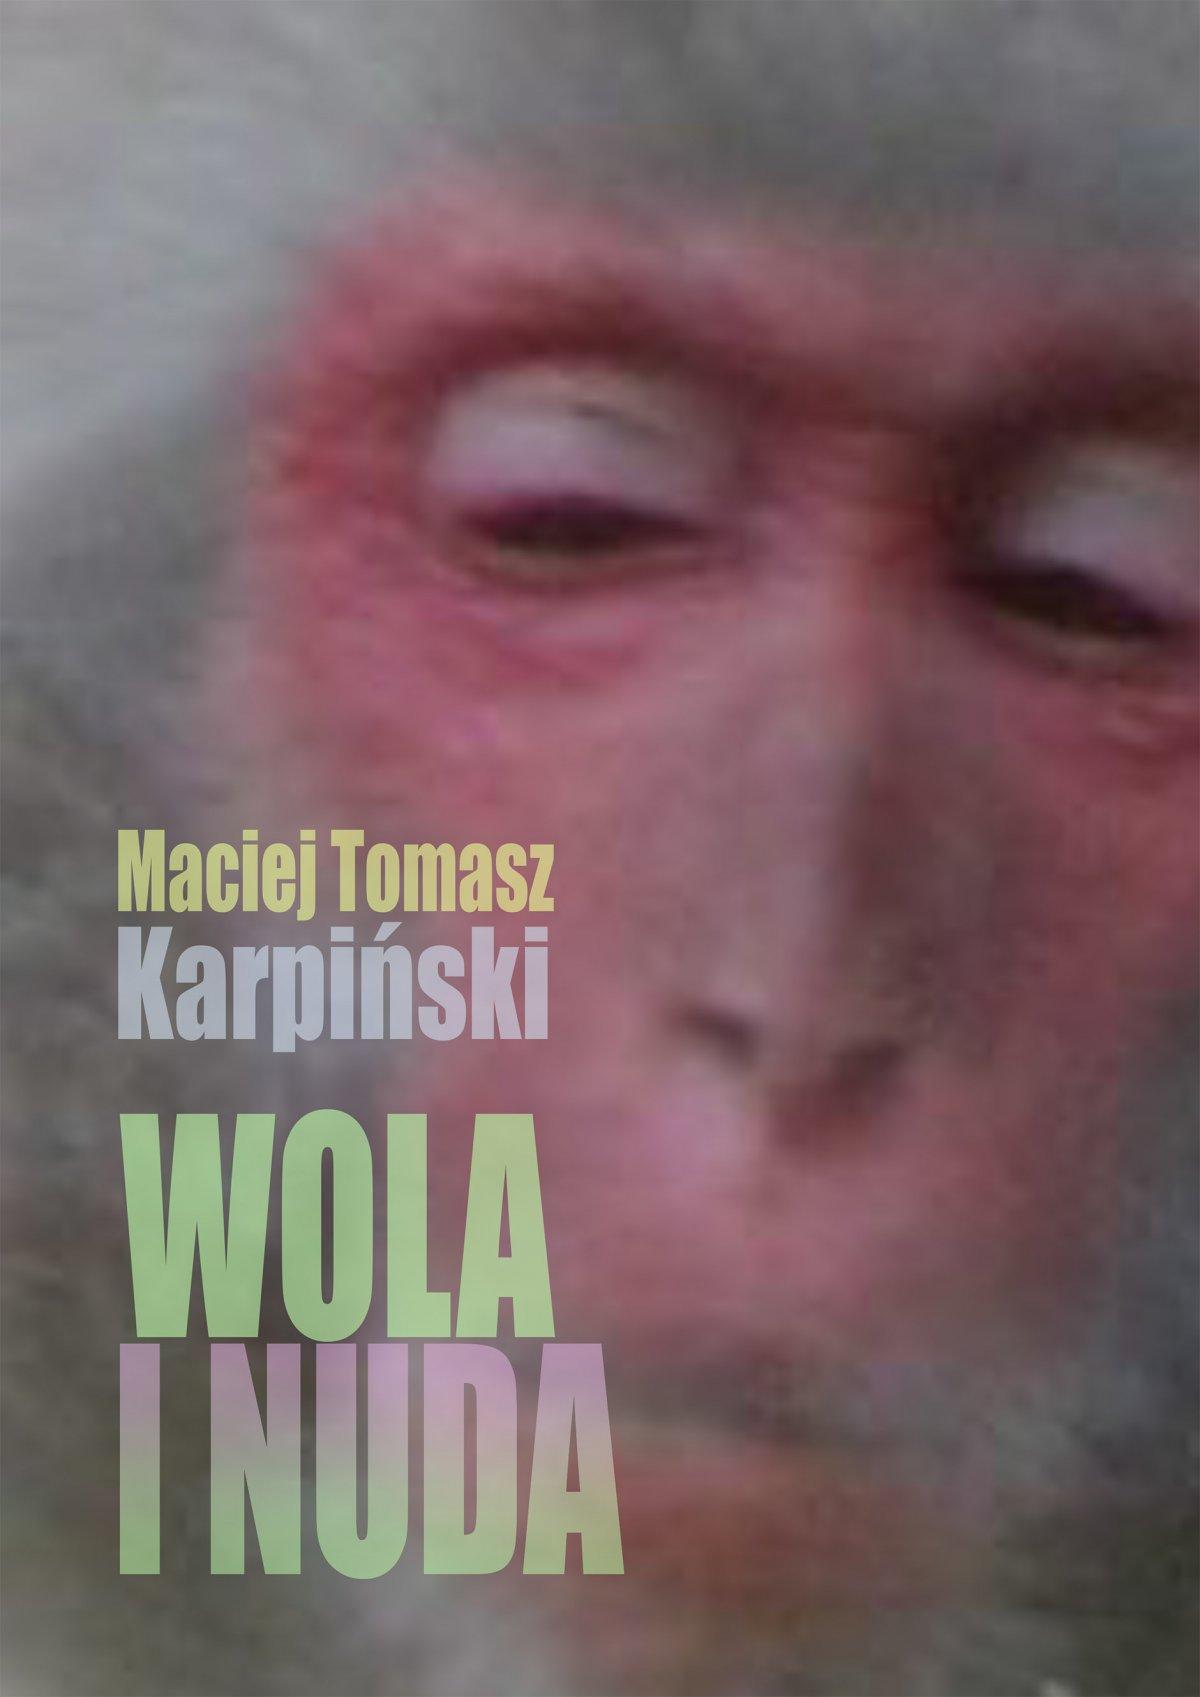 Wola i nuda - Ebook (Książka PDF) do pobrania w formacie PDF